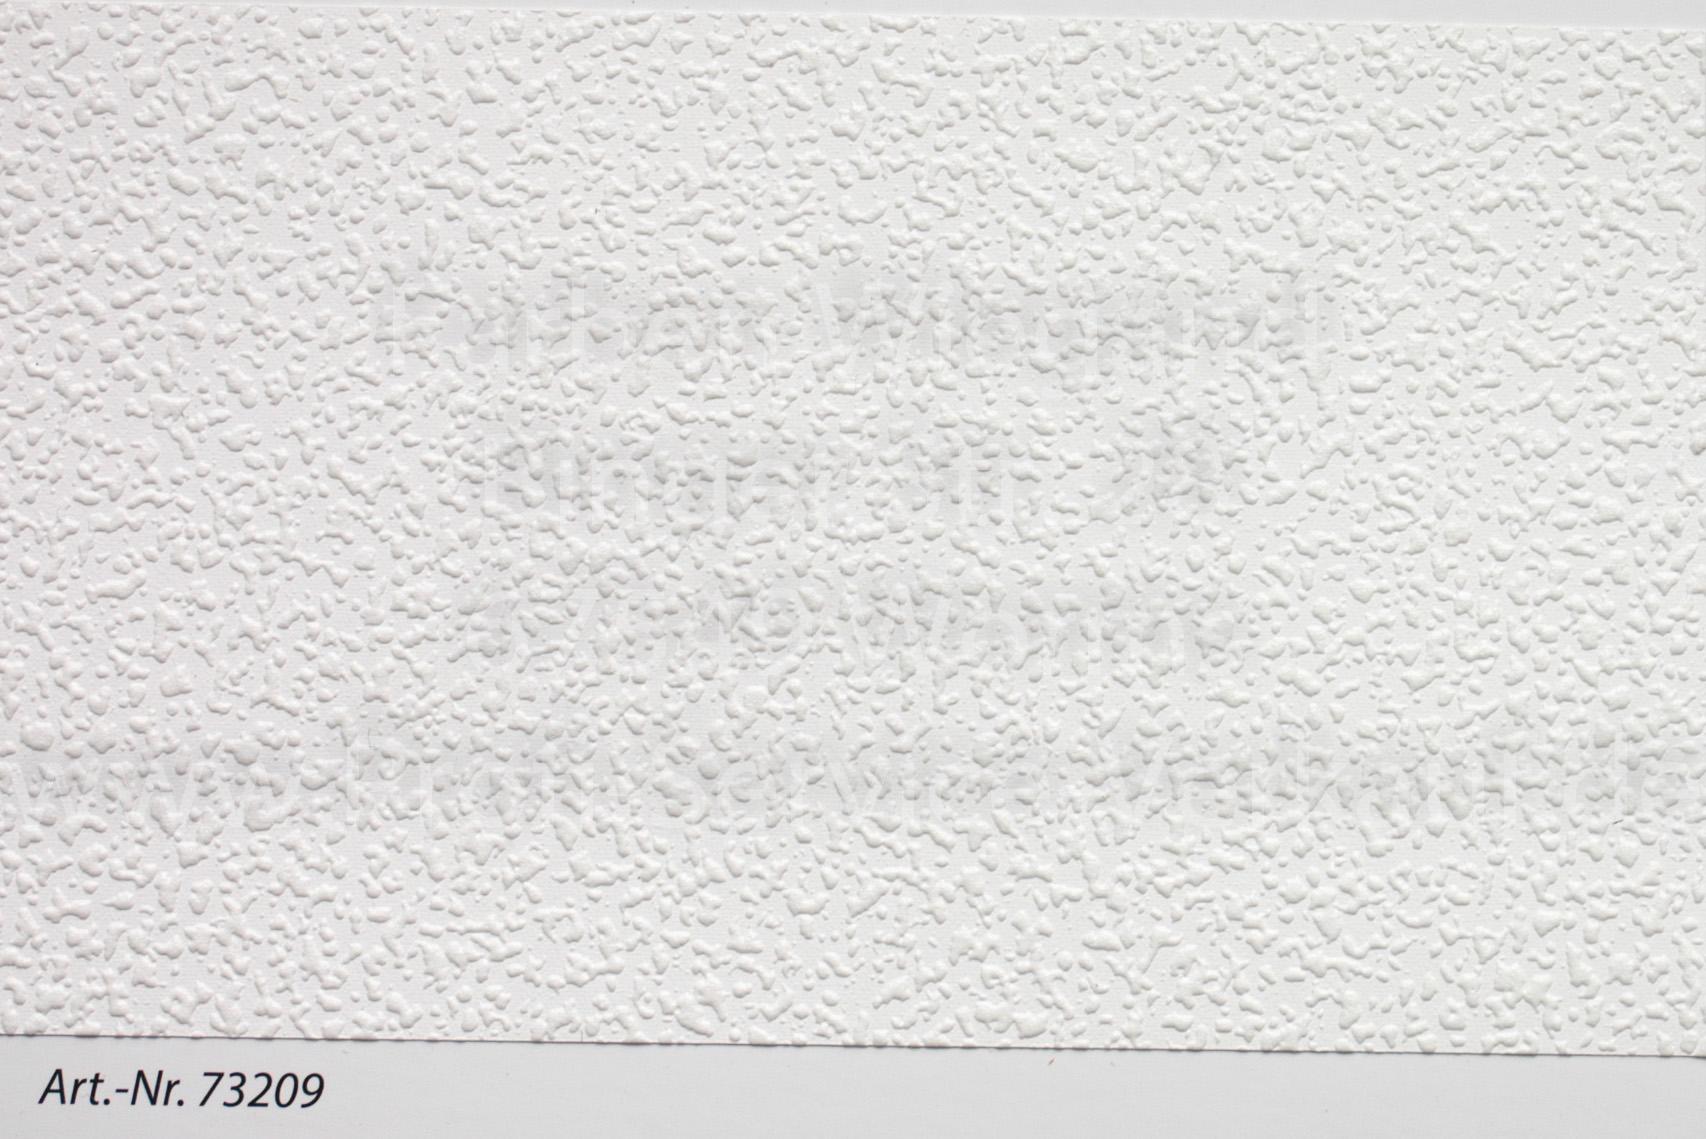 tapete marburger sch ne decke 17 x 0 53 m farben wiegand onlineshop. Black Bedroom Furniture Sets. Home Design Ideas